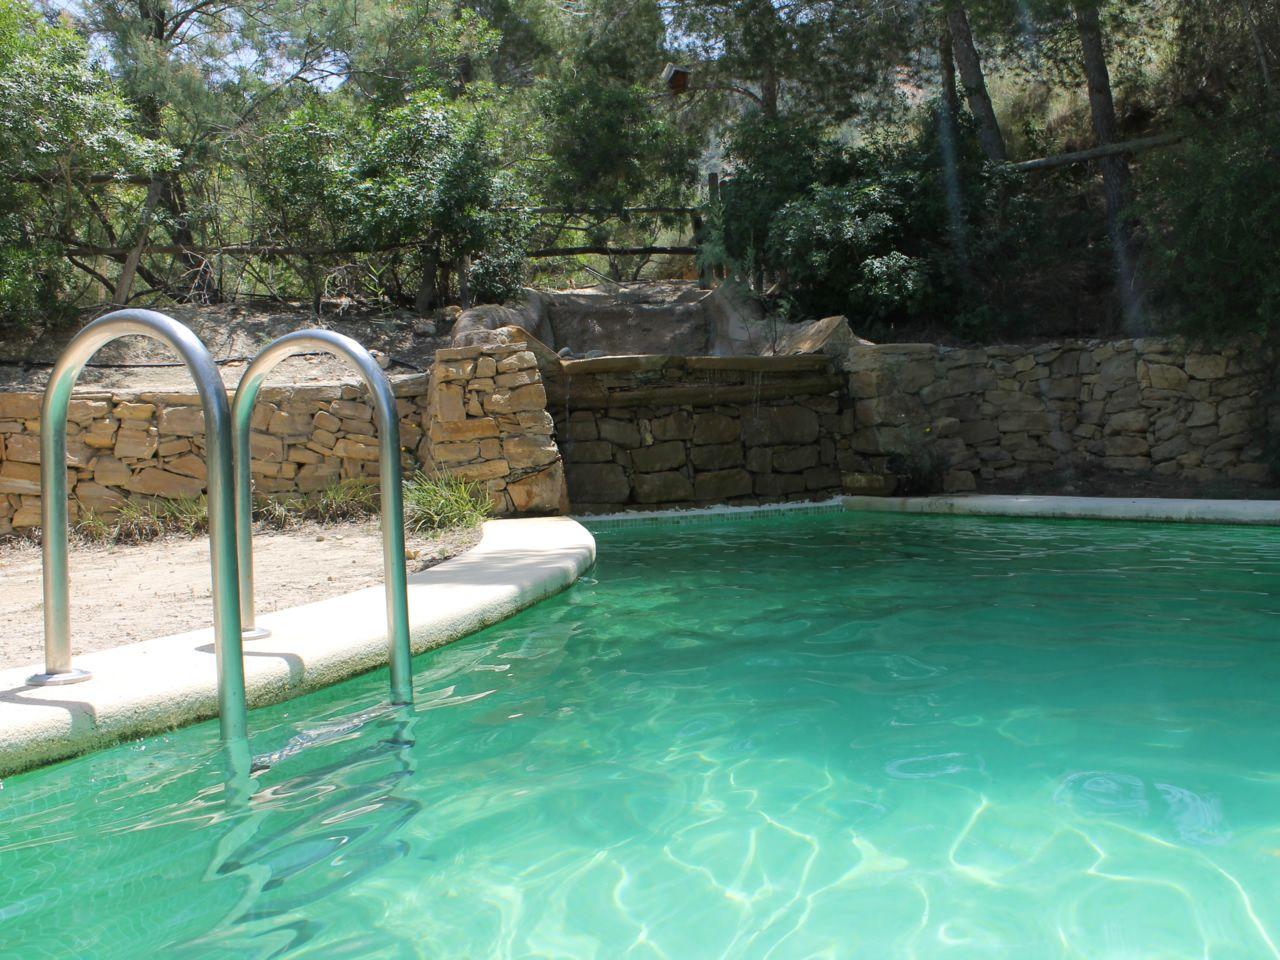 piscinas5 - El personal del Ayuntamiento de Murcia visitará este domingo el entorno de Fuente de Columbares